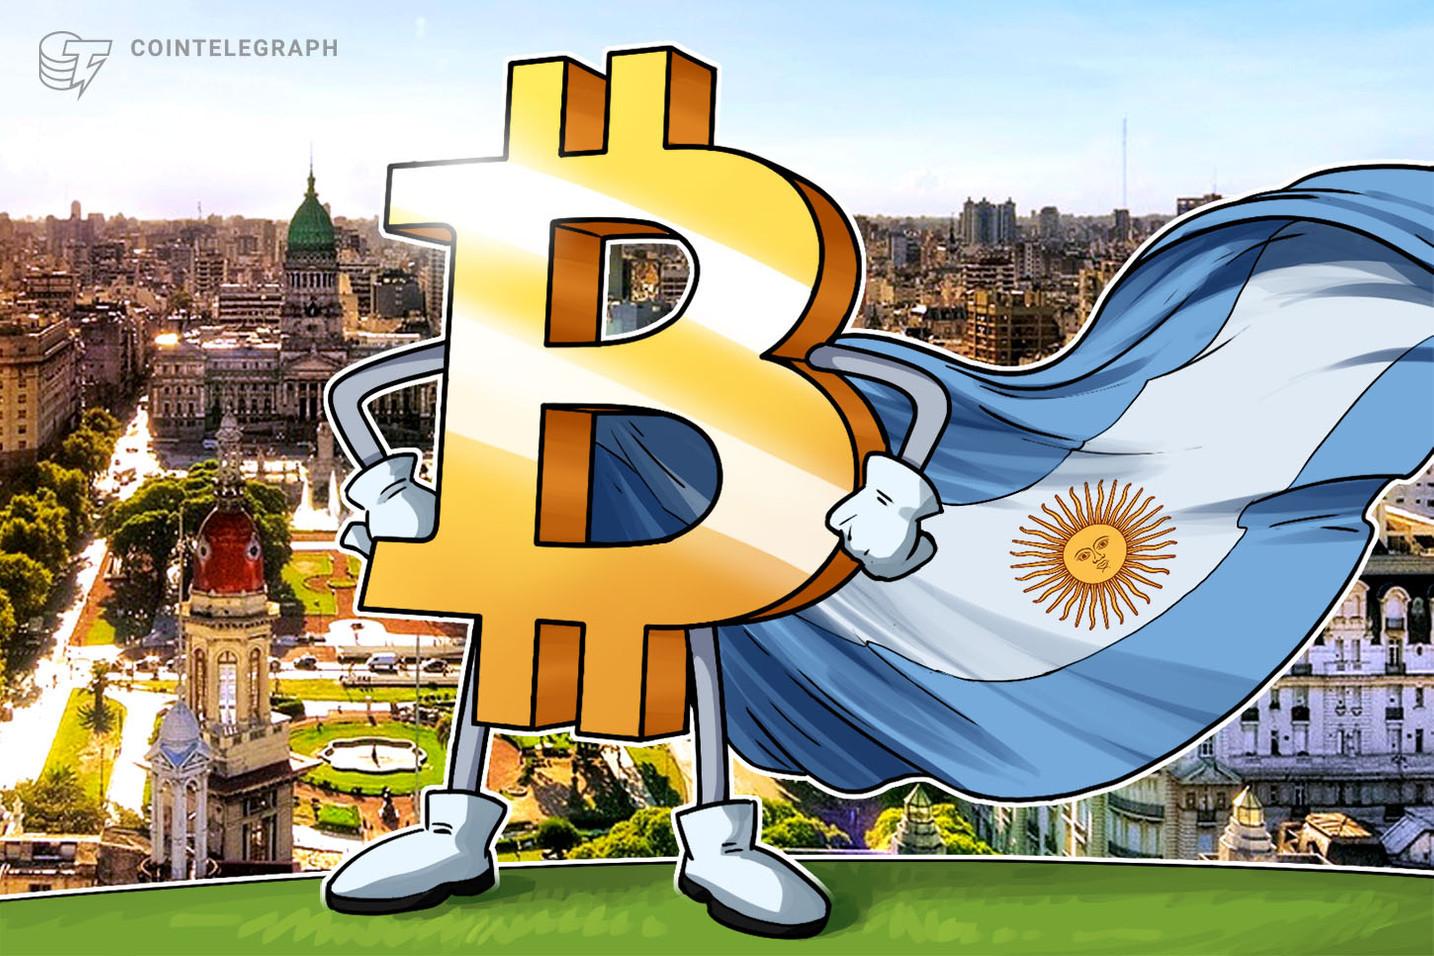 Desde la ONG Bitcoin Argentina recomiendan no amedrentarse por comunicados que provoquen miedo por las criptomonedas